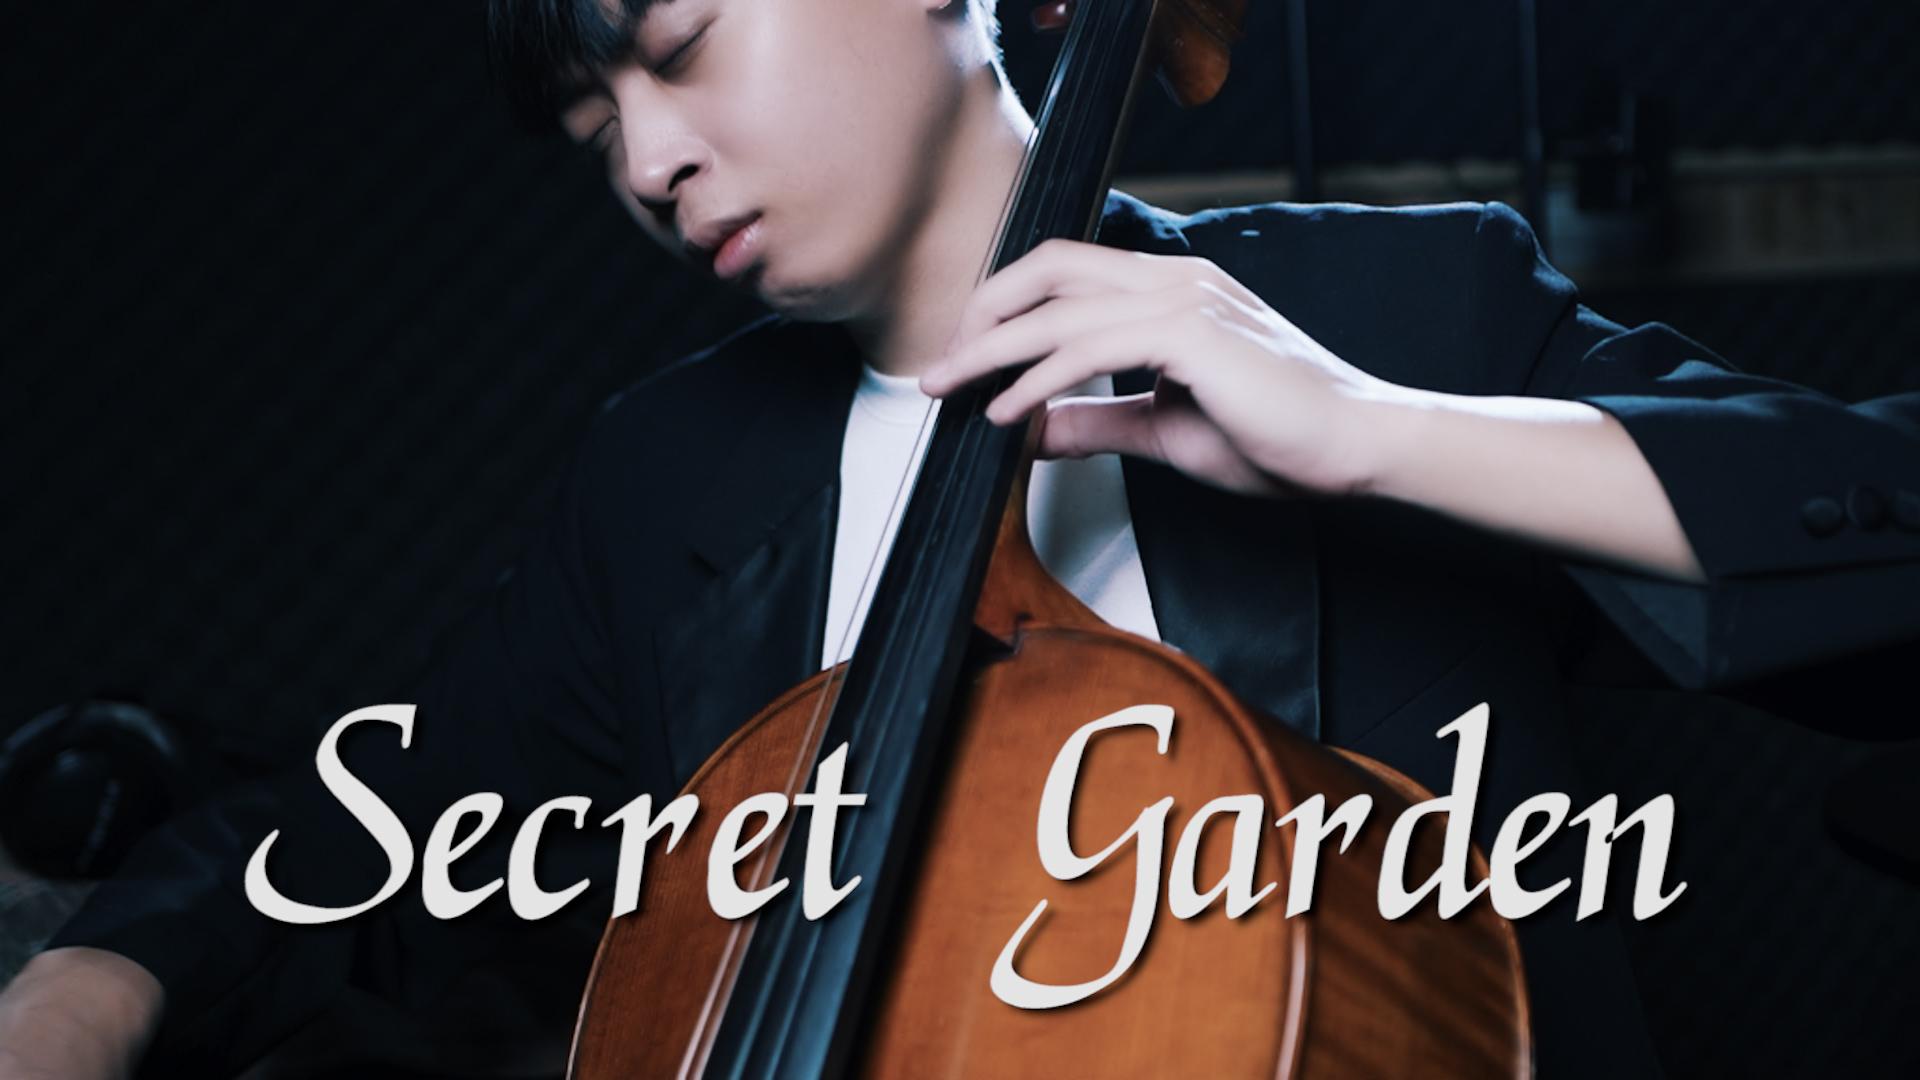 Song from a Secret Garden 《秘密花園》 大提琴演奏 Cello cover 『cover by YoYo Cello』